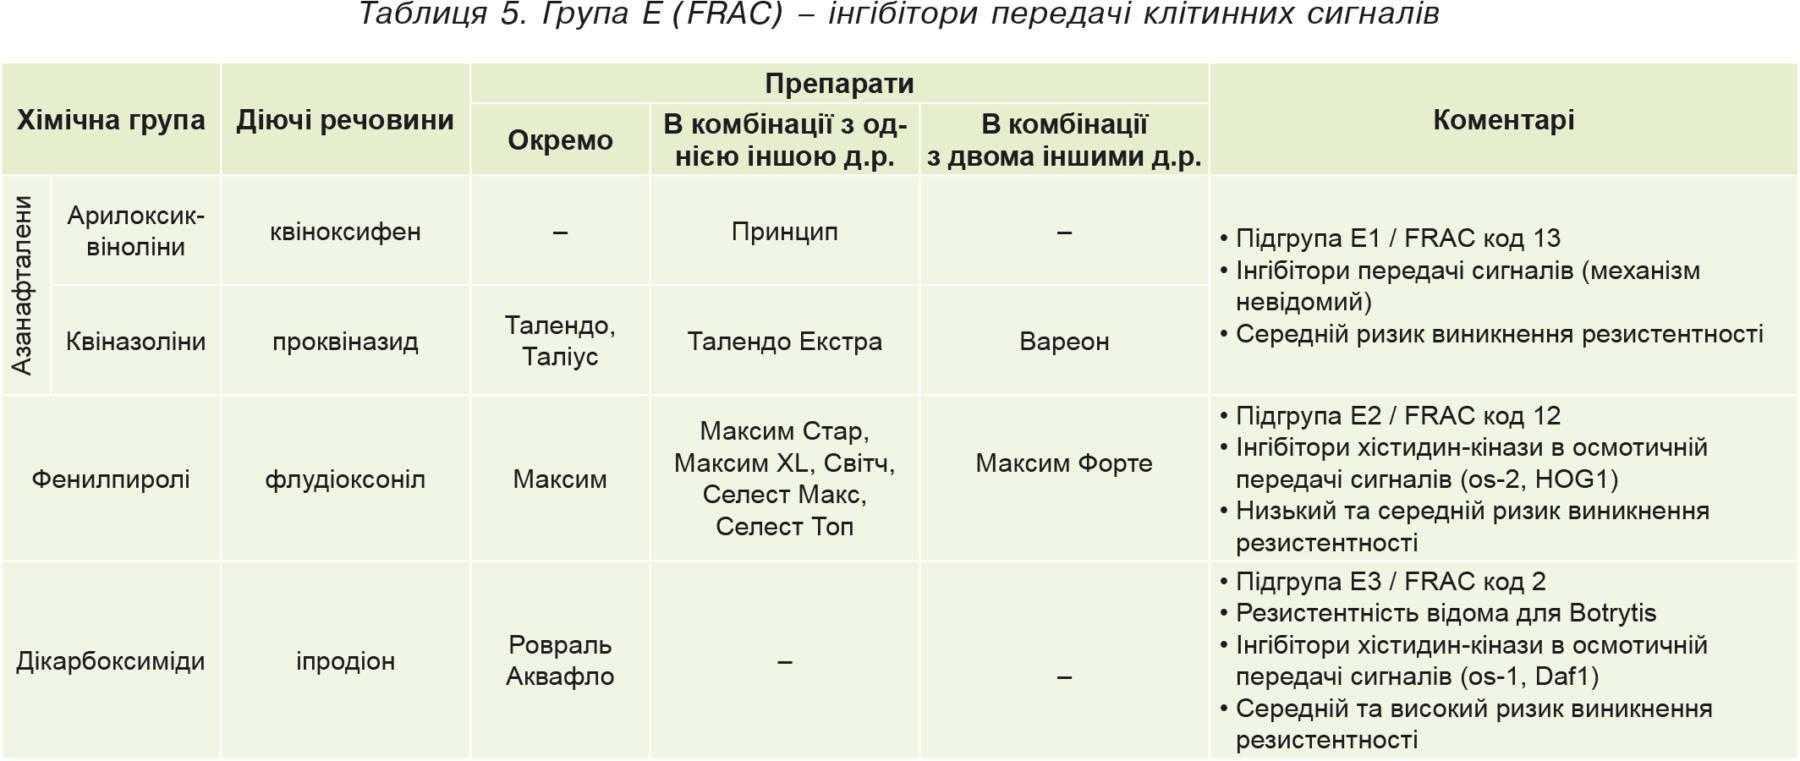 Таблиця5. Група Е (FRAC)– інгібітори передачі клітинних сигналів